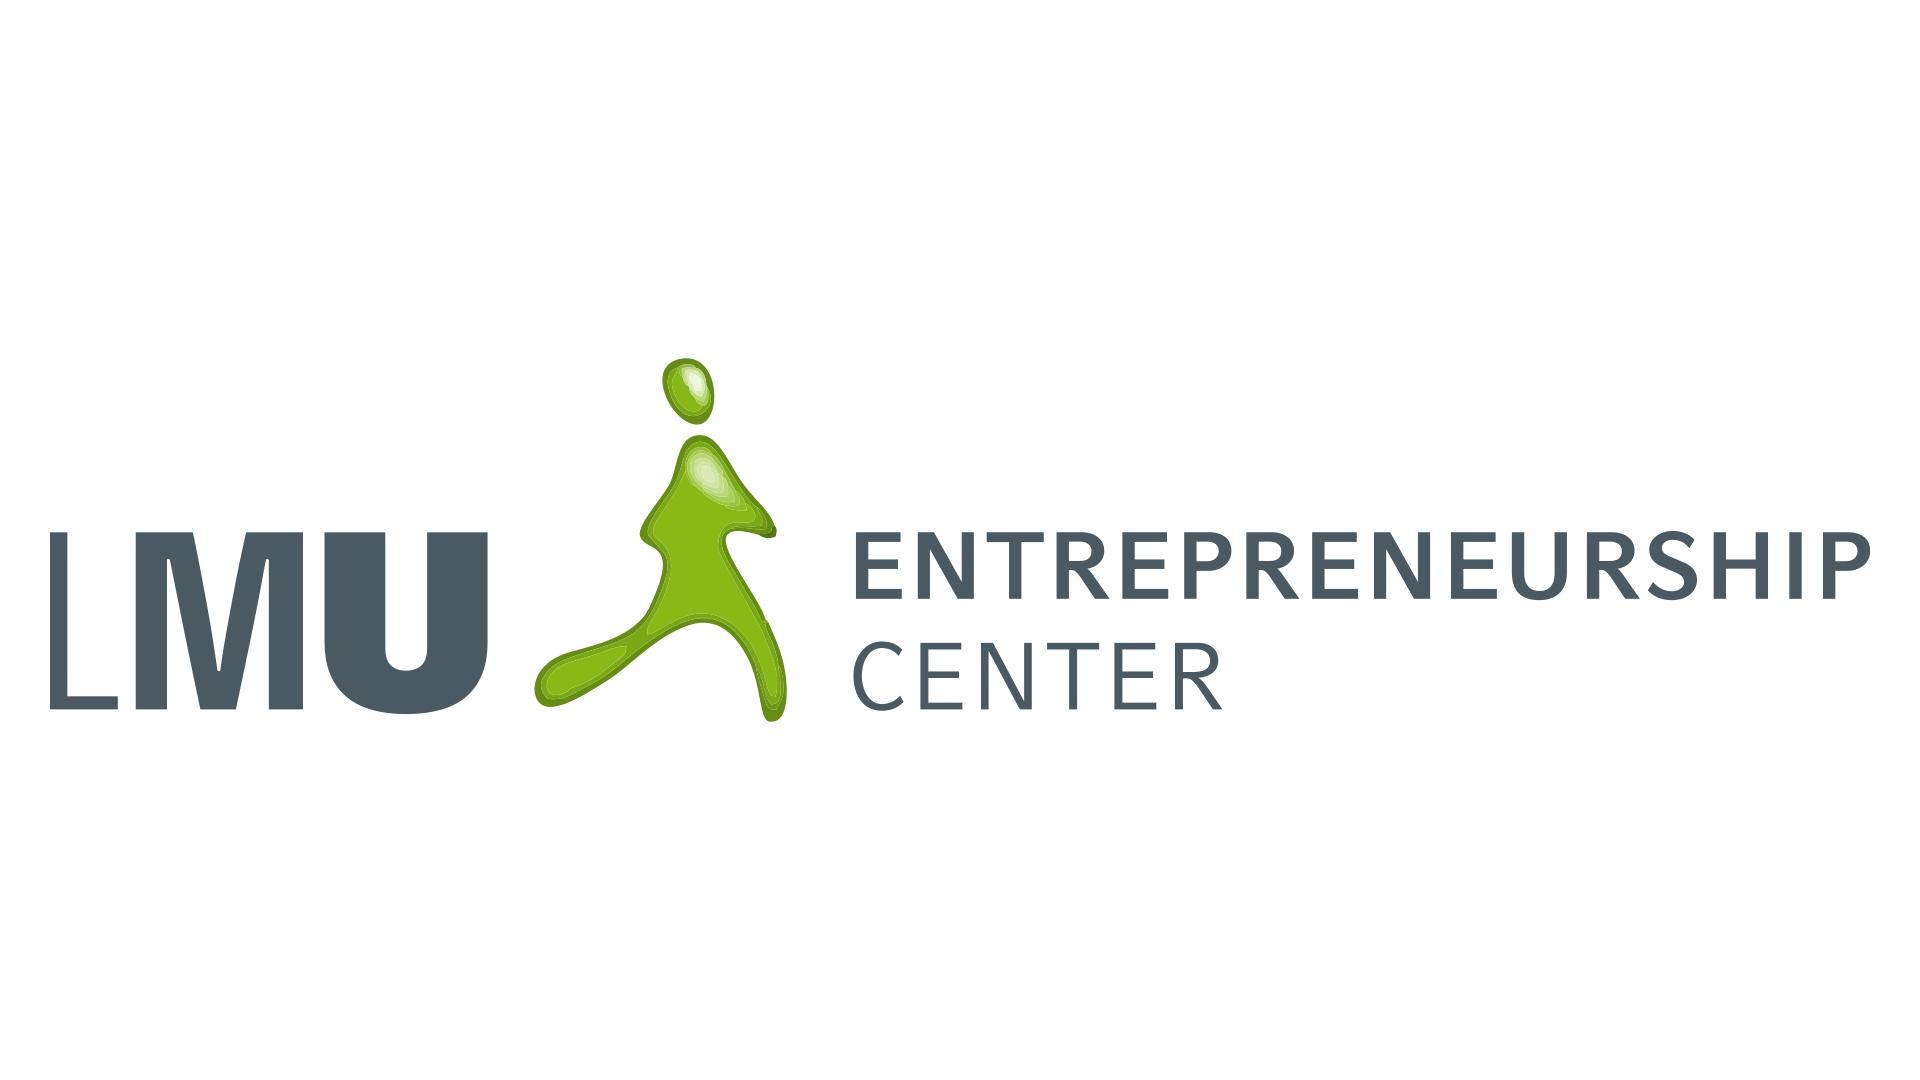 LMU Entrepreneurship